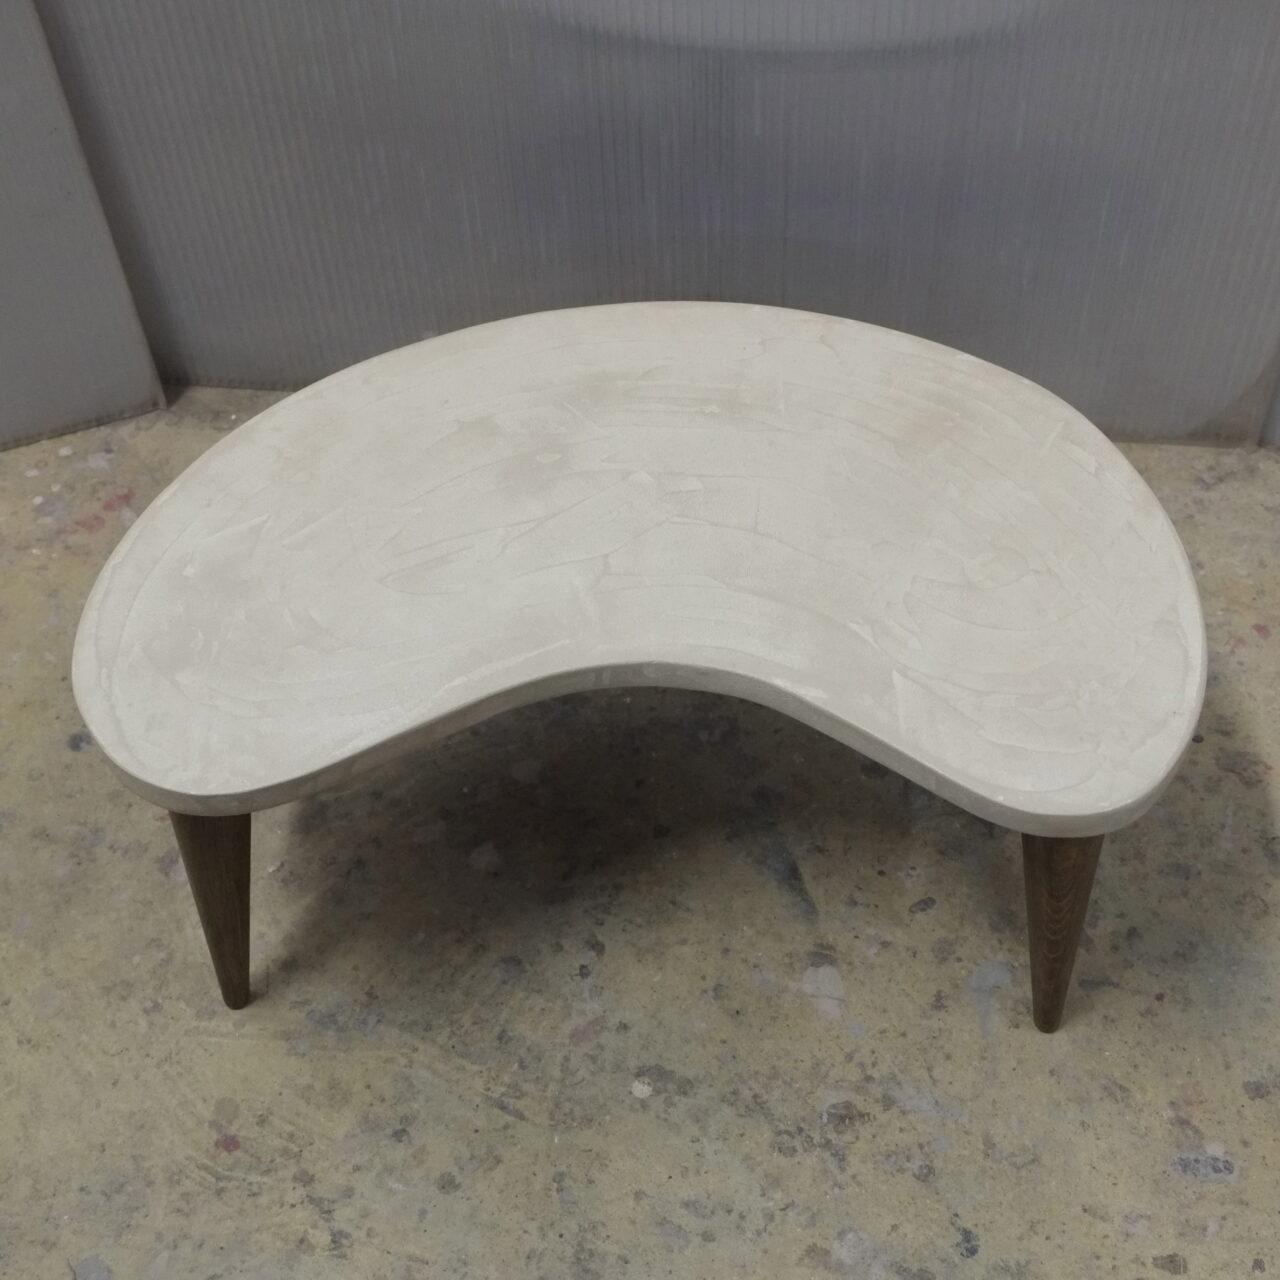 tables basses en b ton sur mesure meubles industriel anna colore industriale. Black Bedroom Furniture Sets. Home Design Ideas